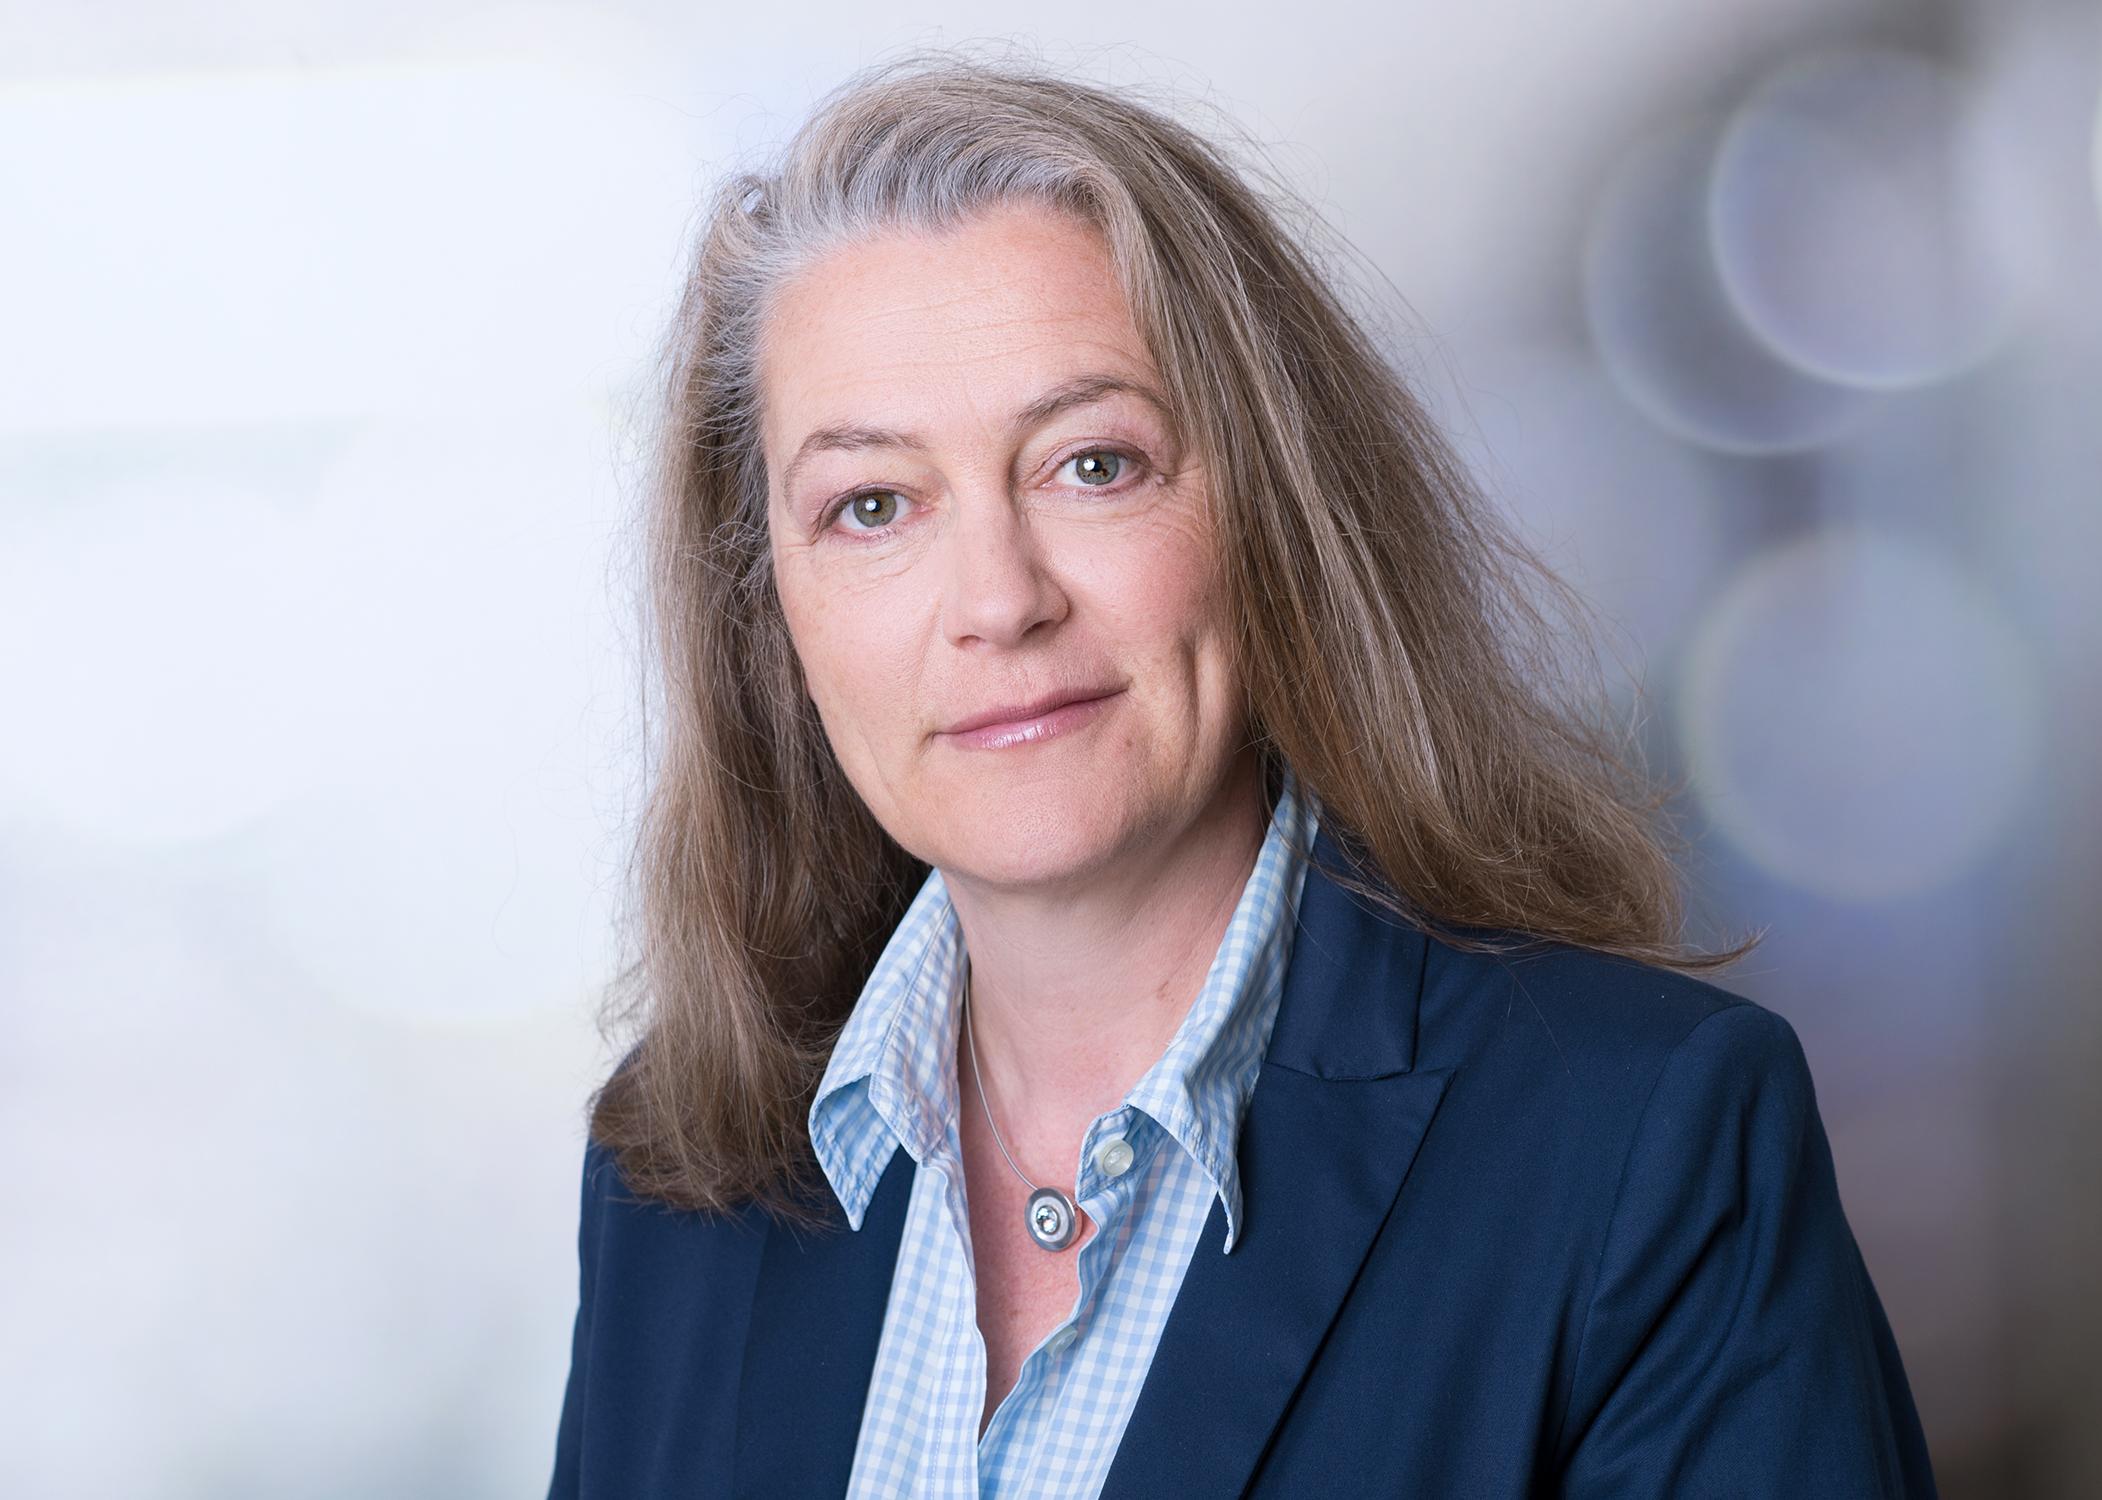 Brigitte Zentgraf Coaching Wiesbaden